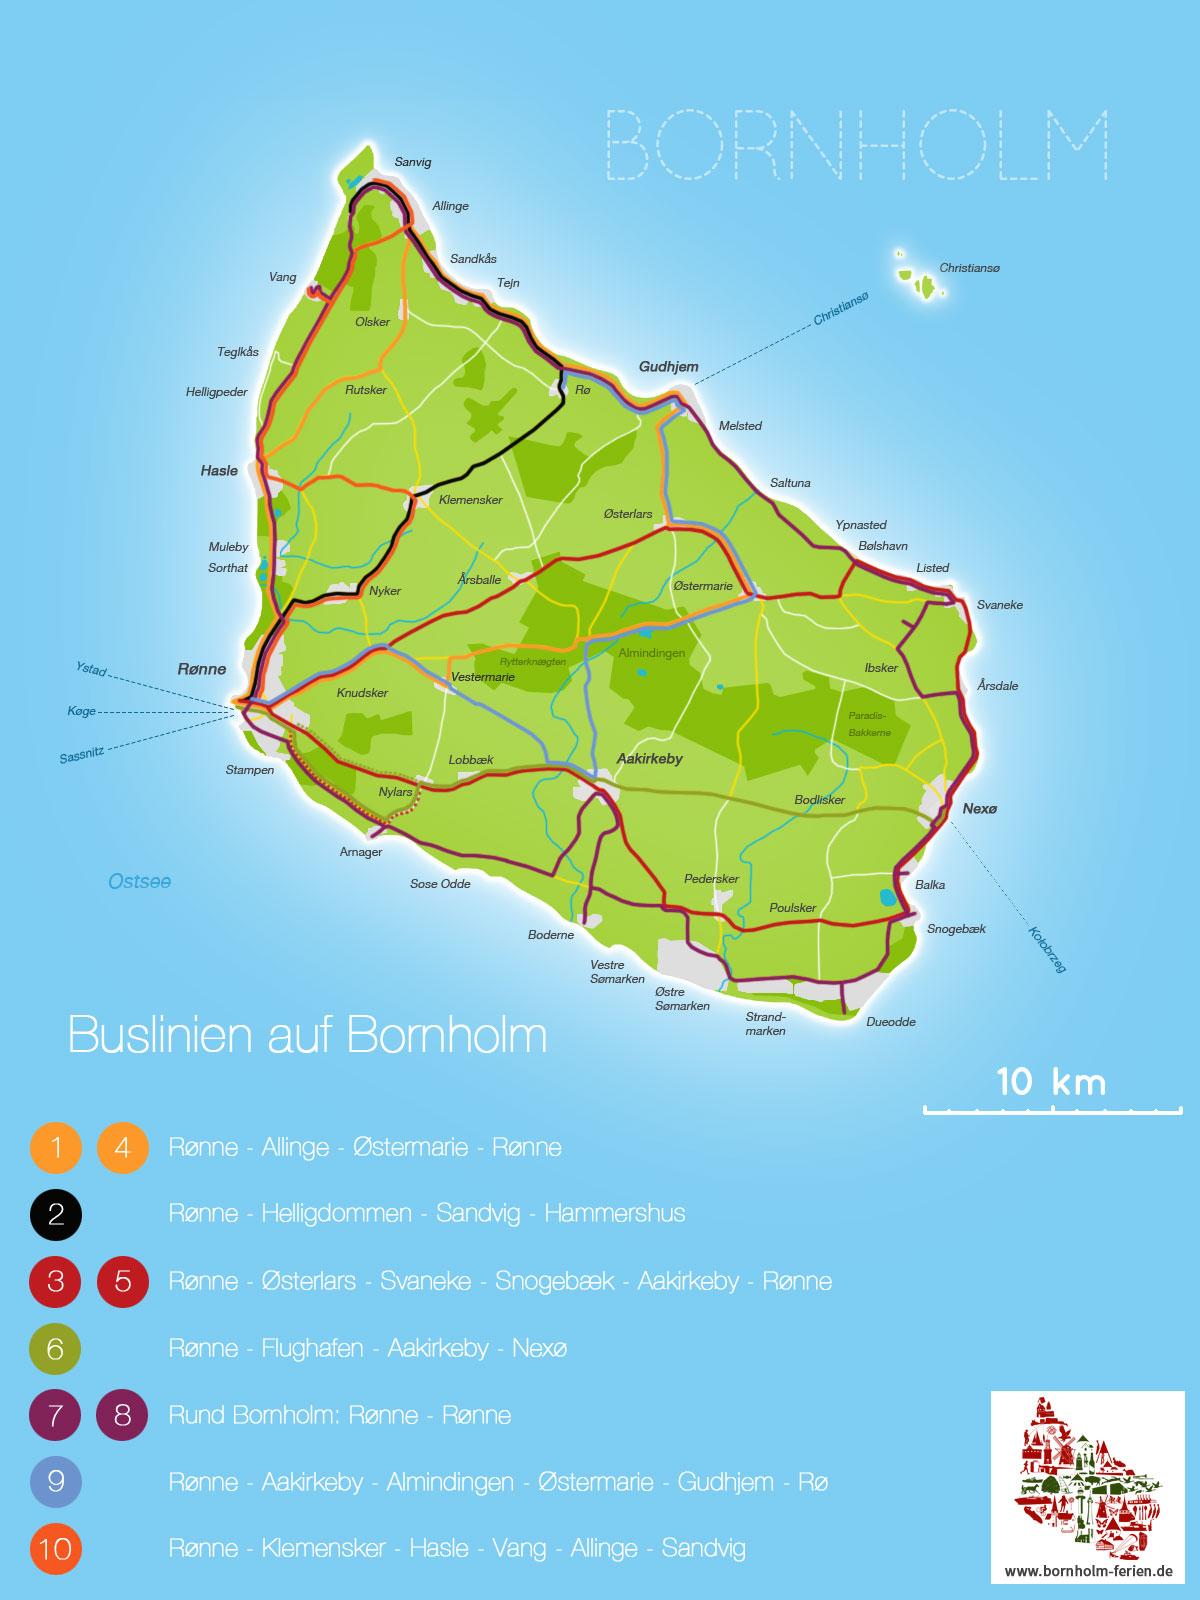 Kartebusbornholmjpg Bornhholm Holiday Trips - Sweden bus map